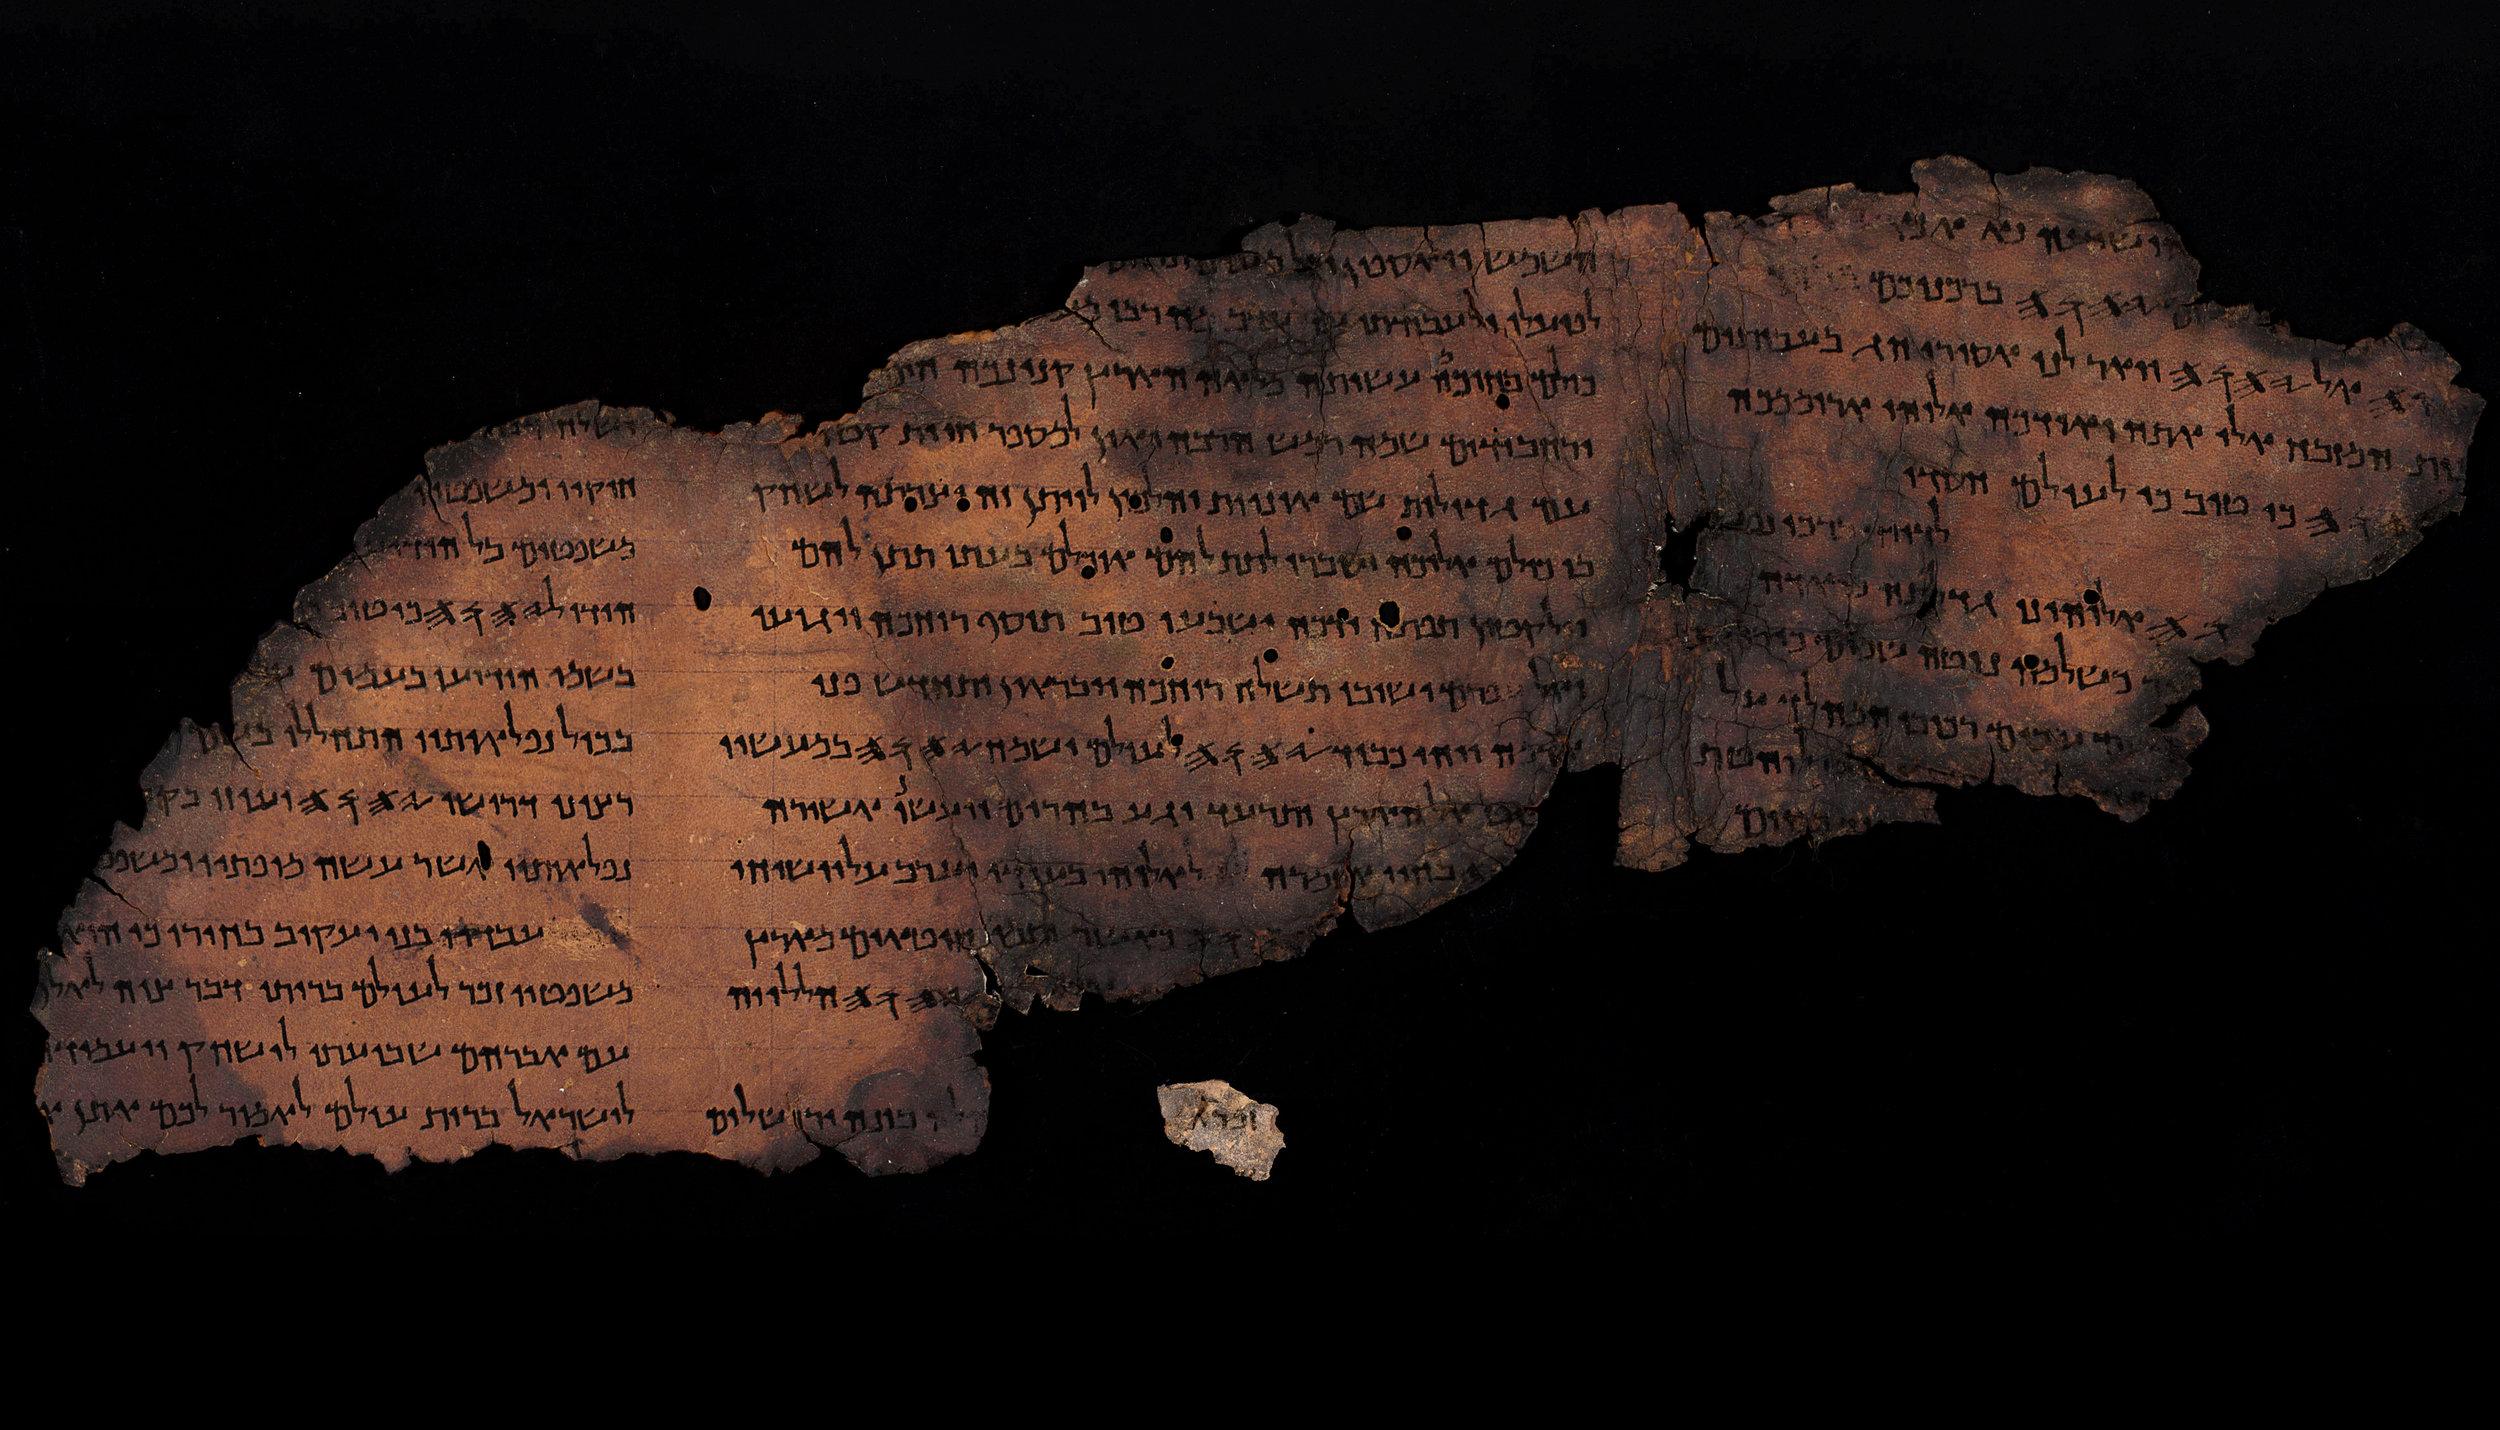 9.מגילת תהלים הגדולה. מתחתיה מופיע קטע מפסוק א של פרק קמז. קטע זה שנחשף עתה זוהה במחקר כשייך למגילה זו.jpg